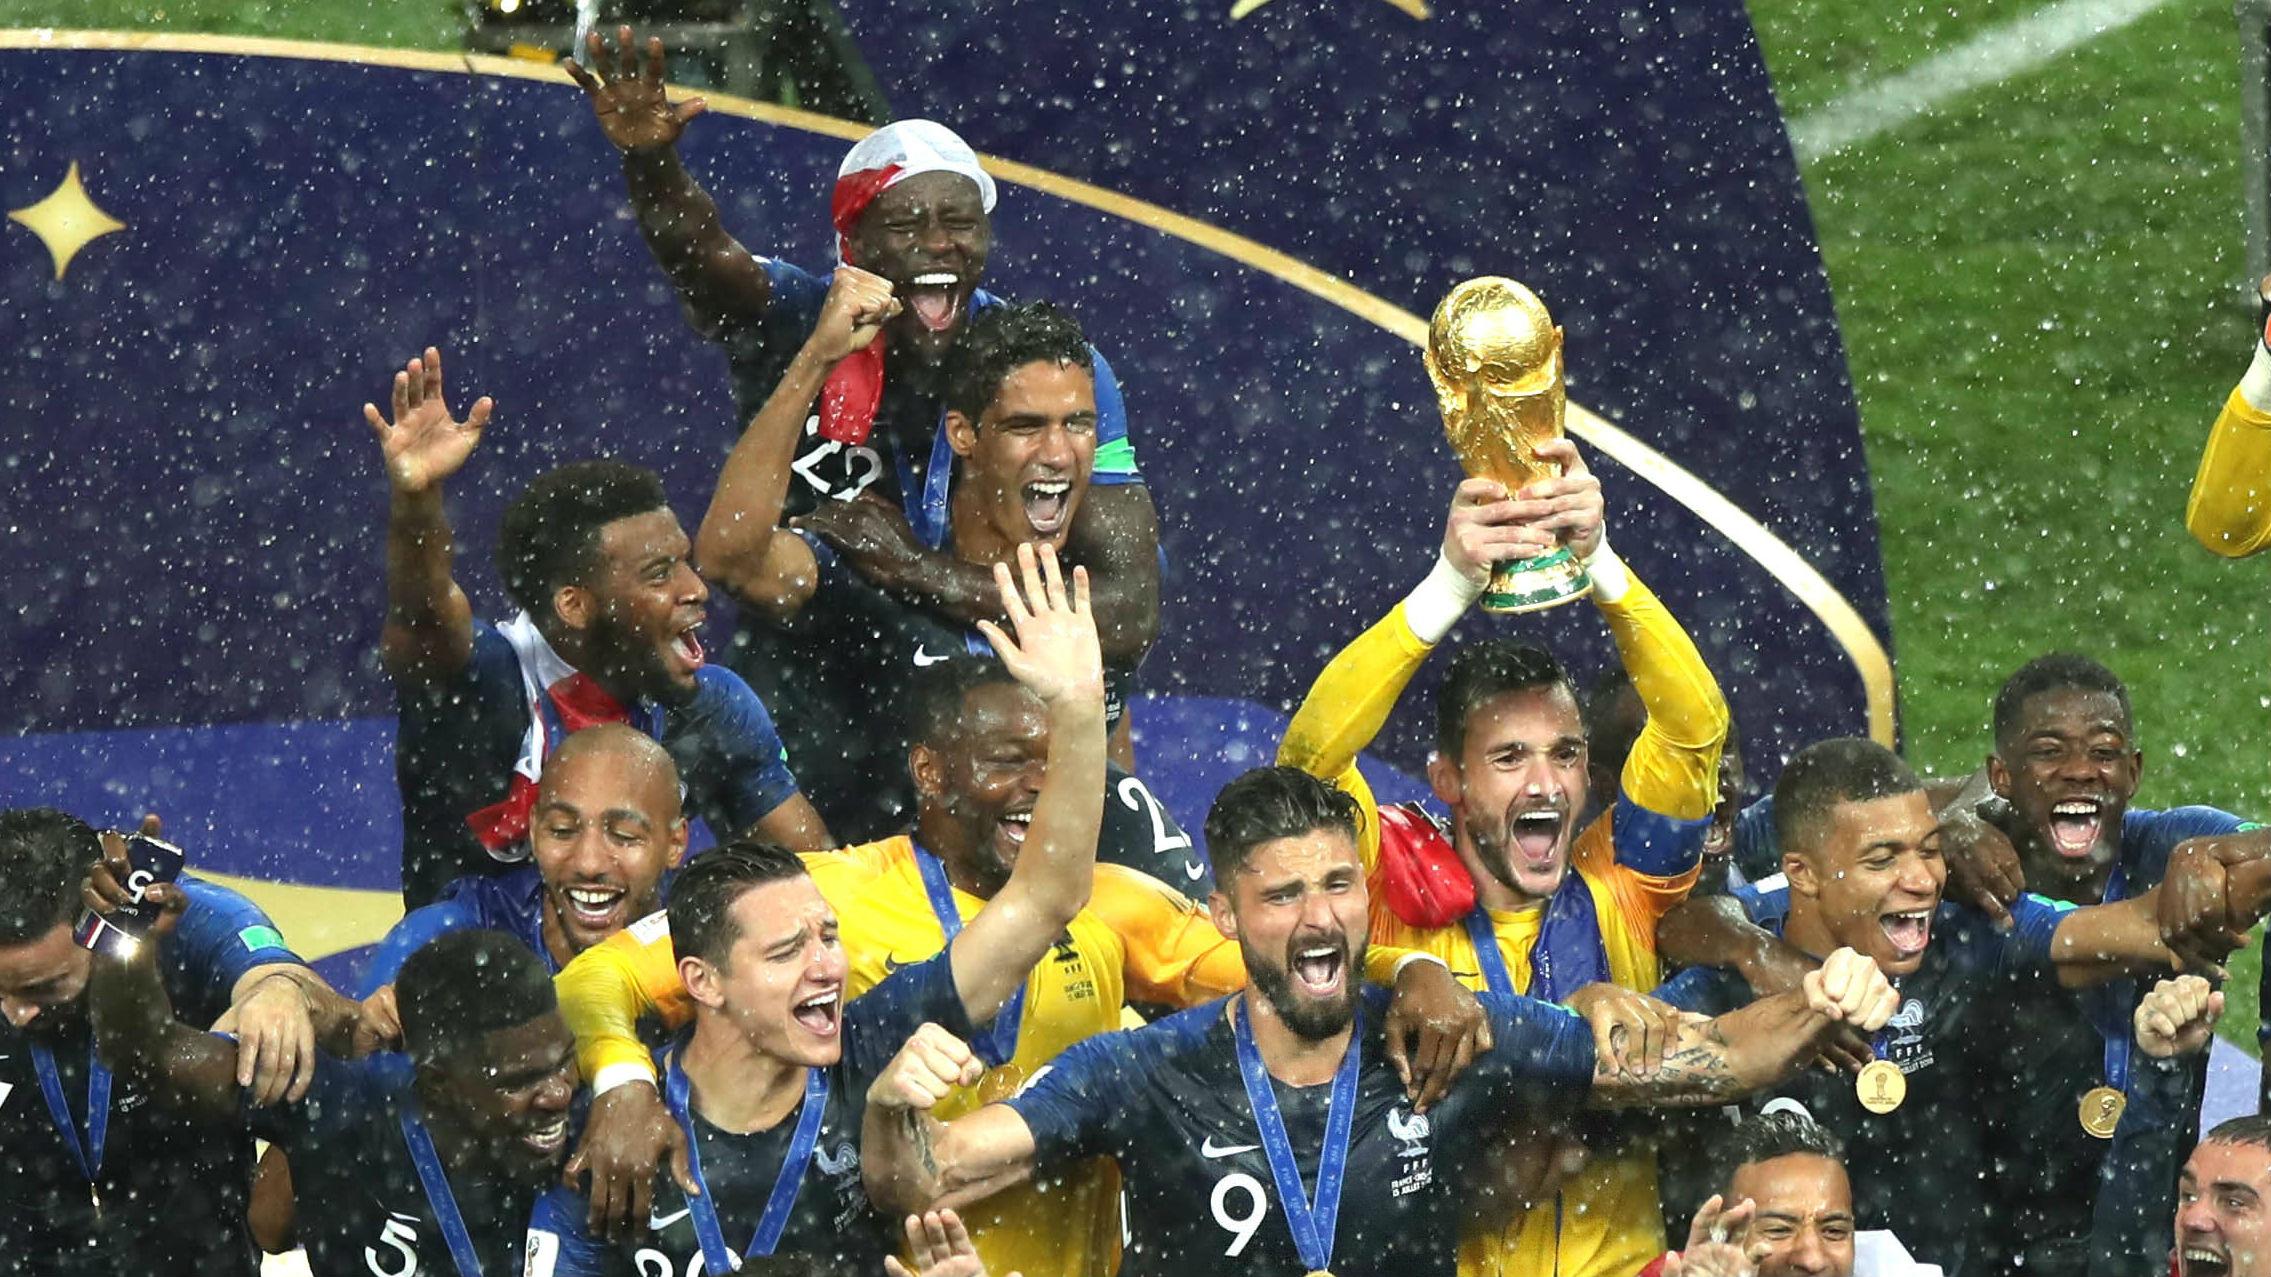 法国队夺冠可不仅靠博格巴的发型 外媒评五要素助荣耀登顶